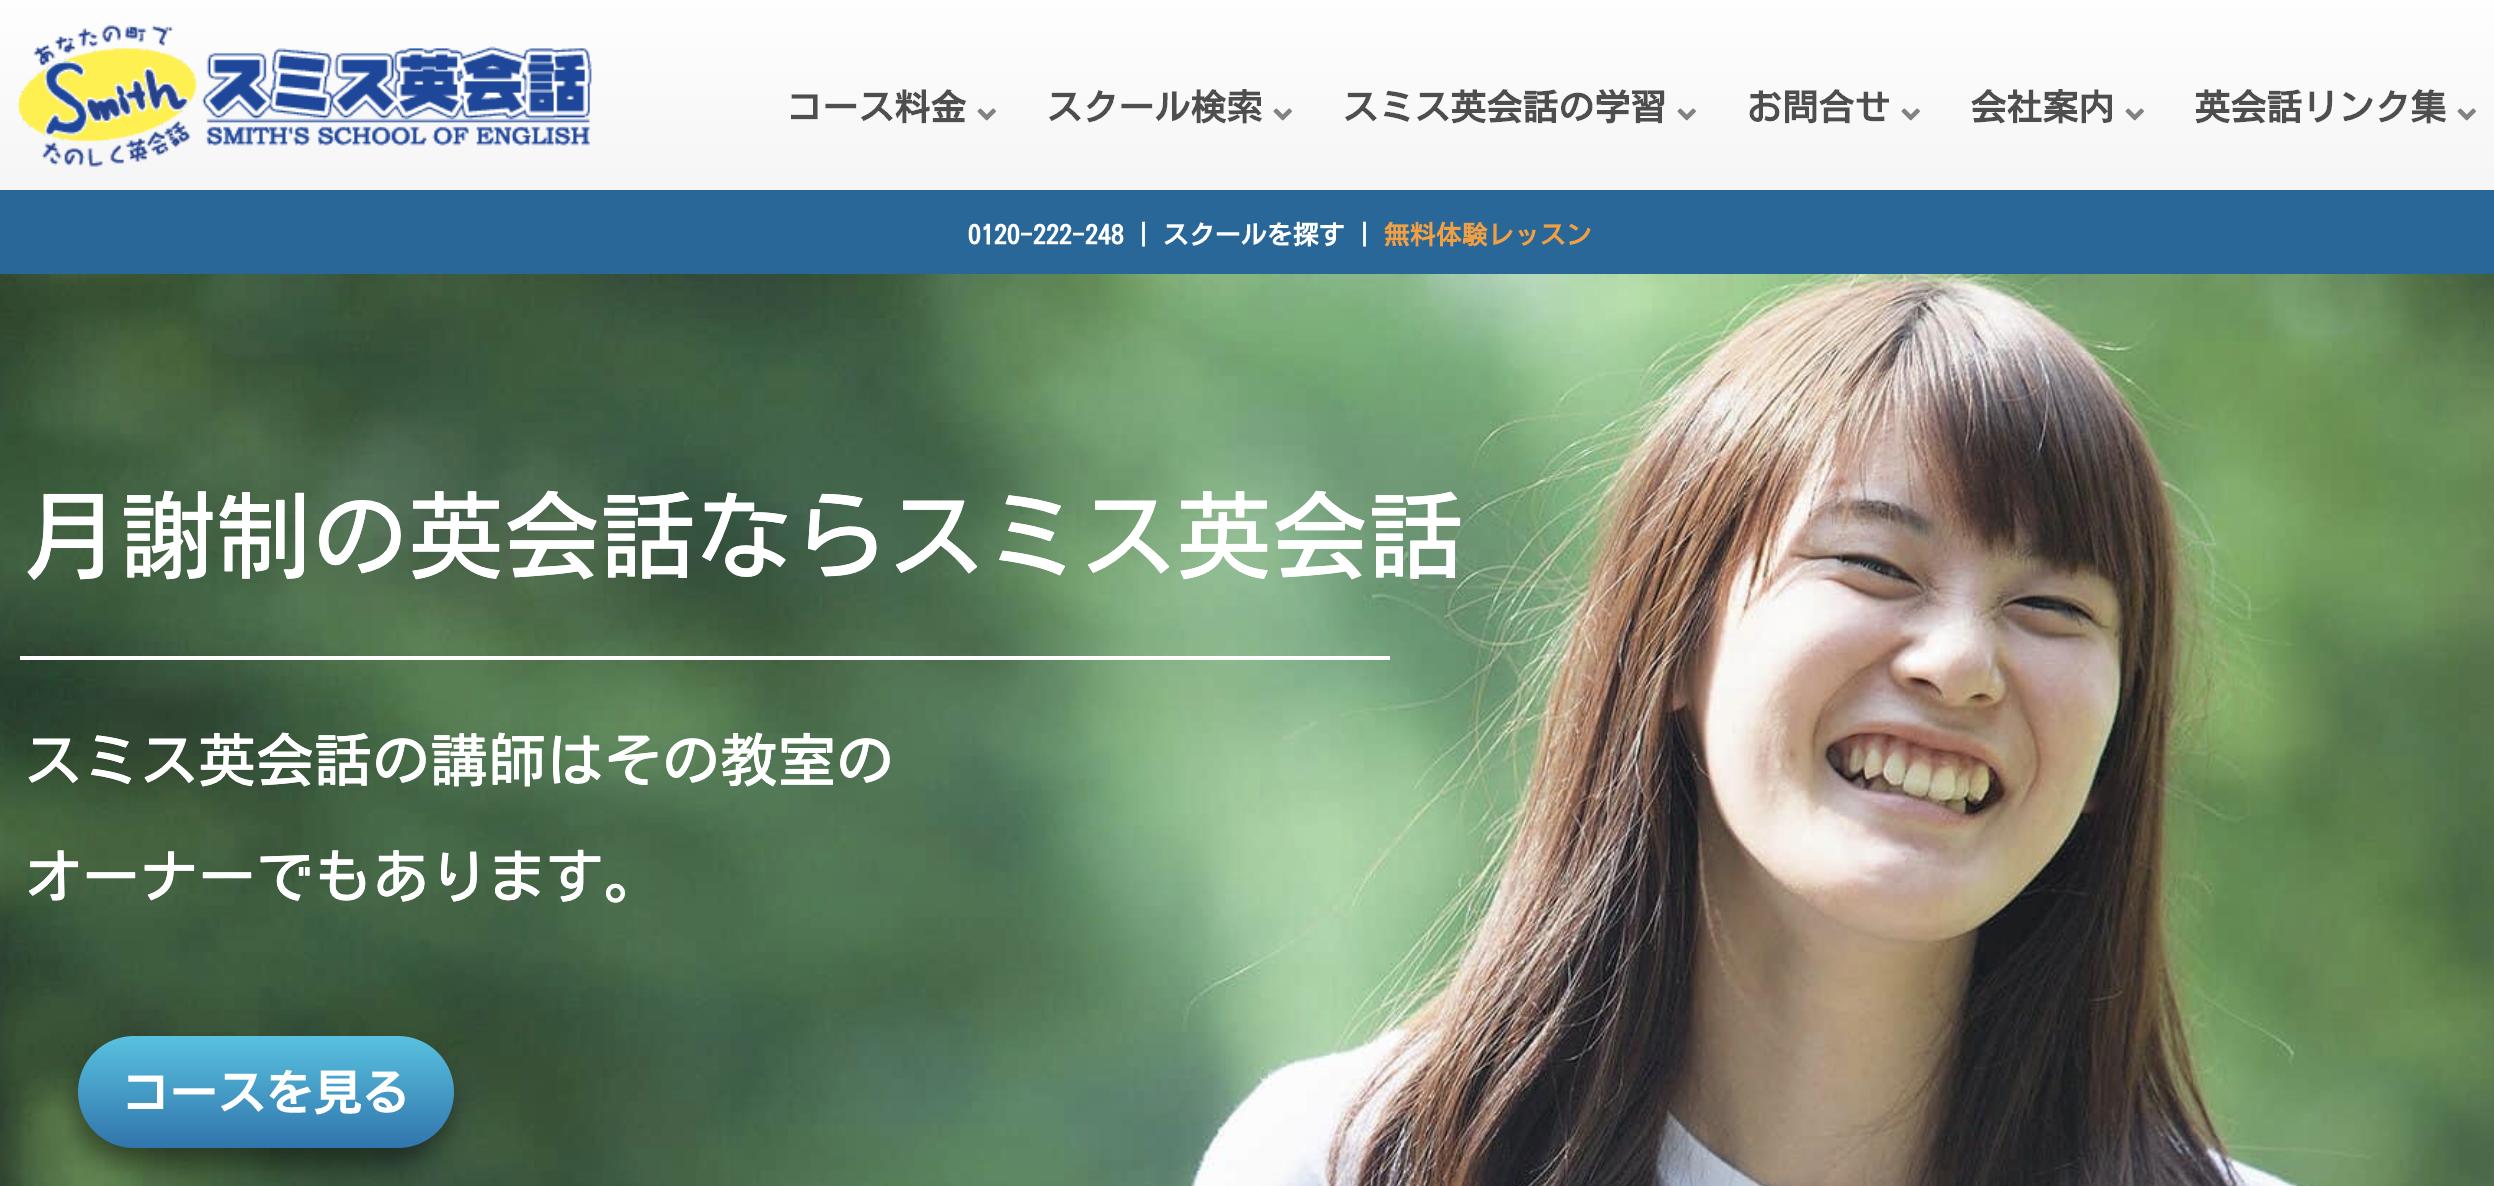 【目的別】島根のおすすめ英会話スクール8選